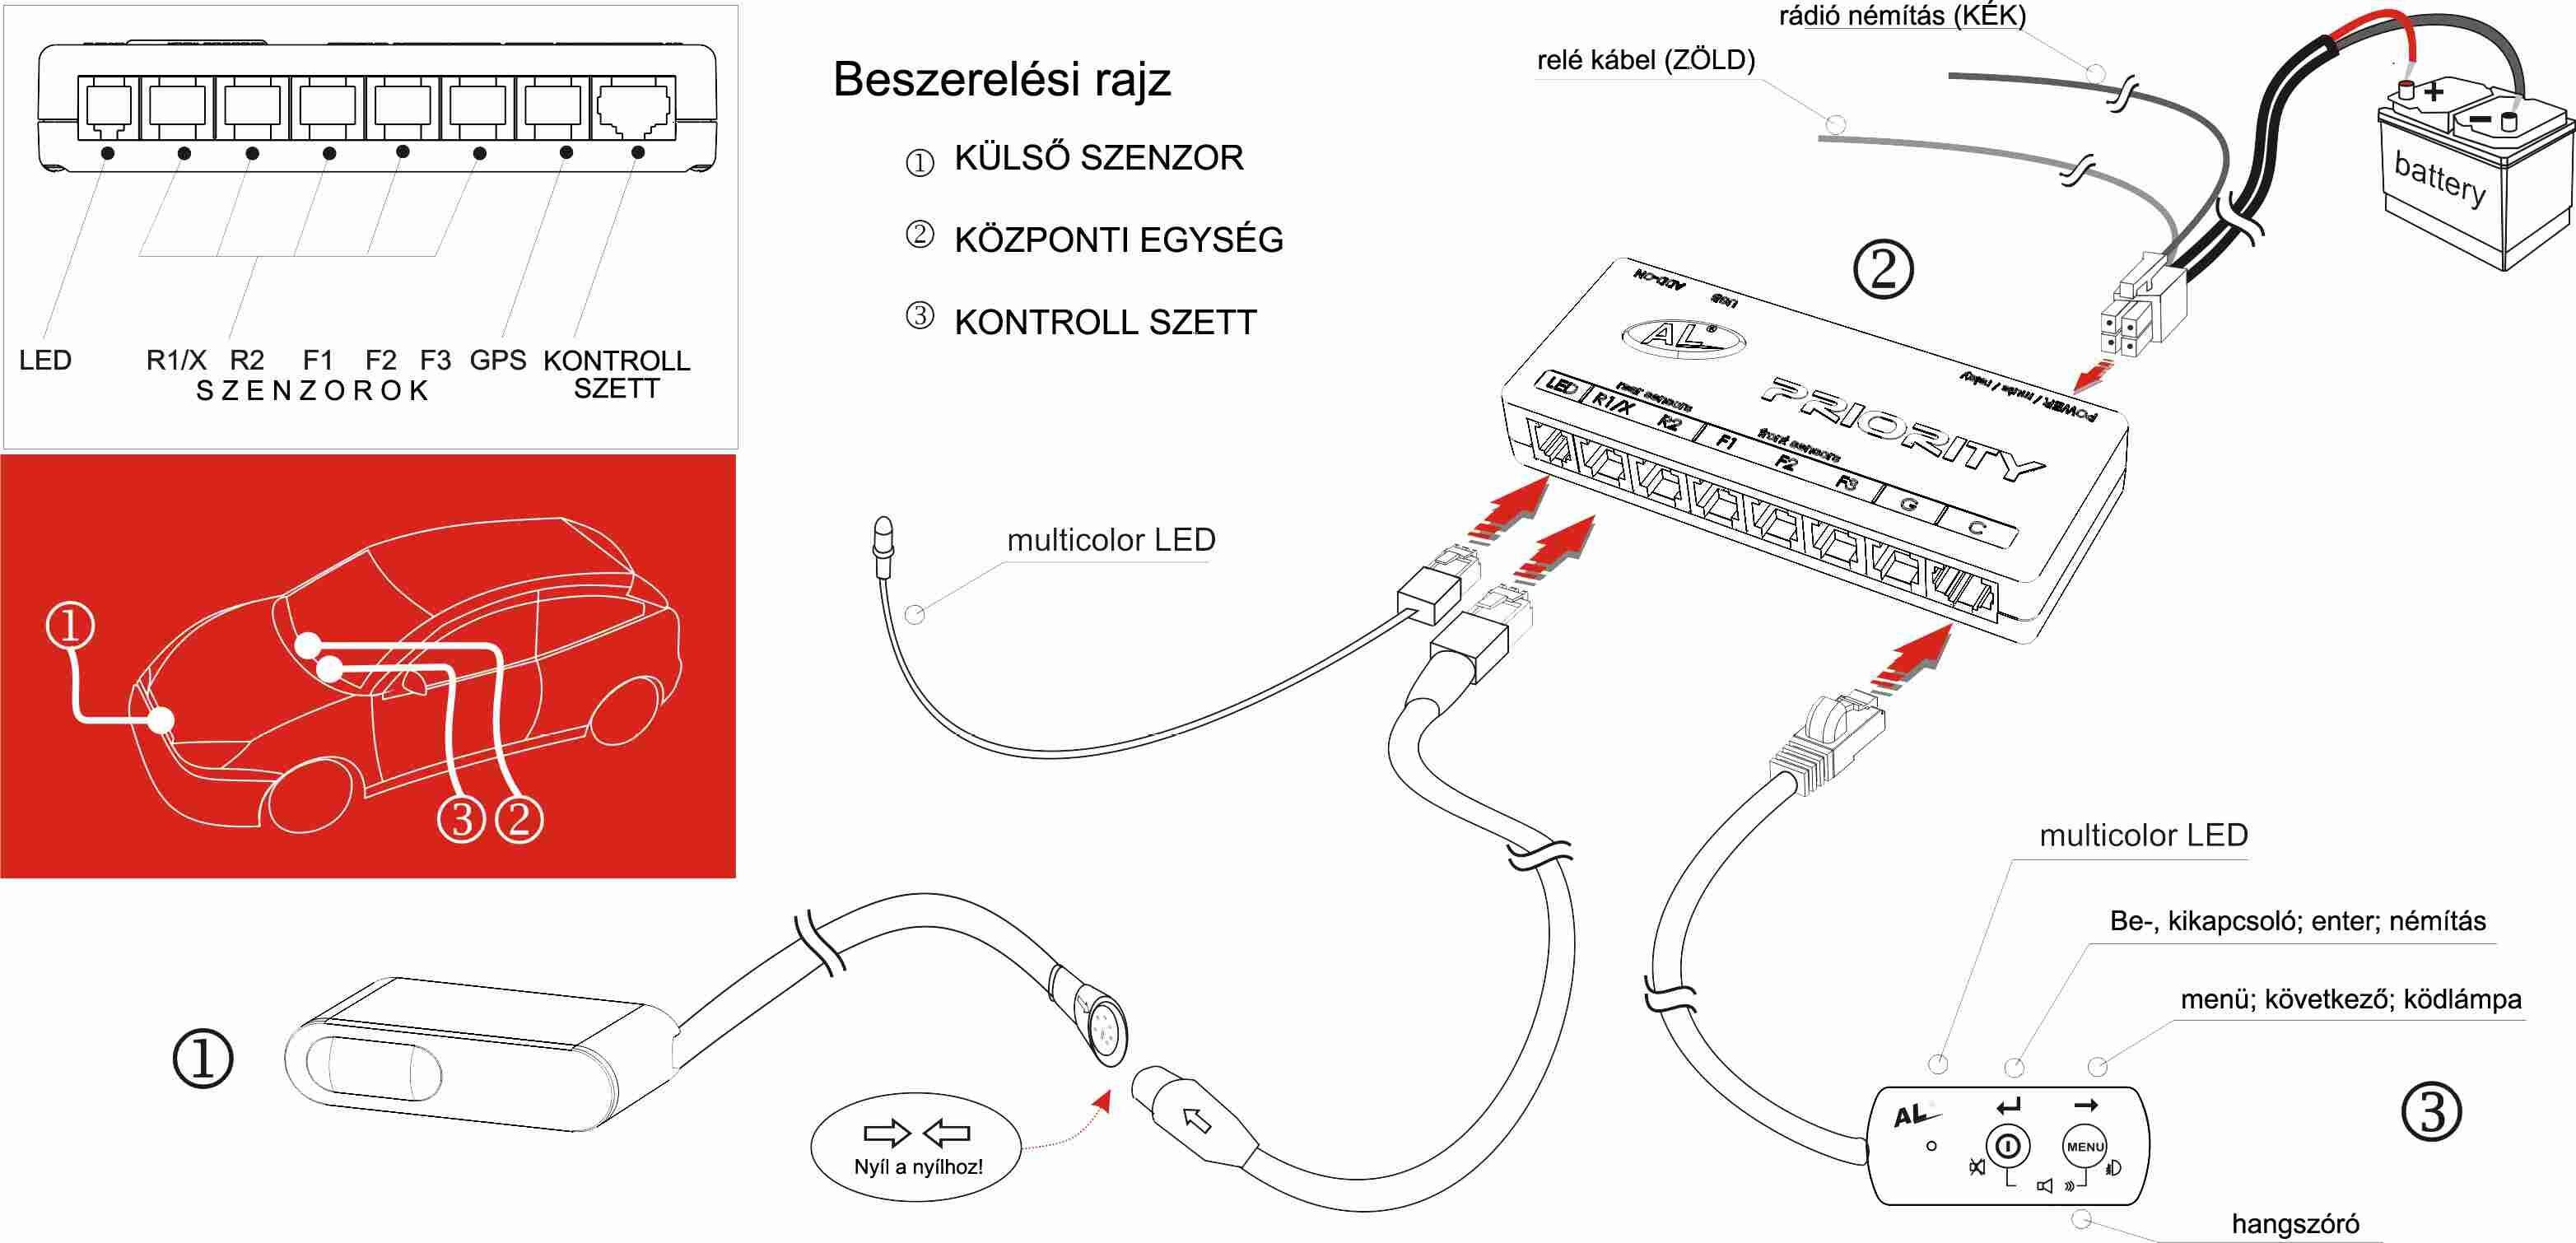 ALP lézerblokkoló használati utasítás bekötési rajz